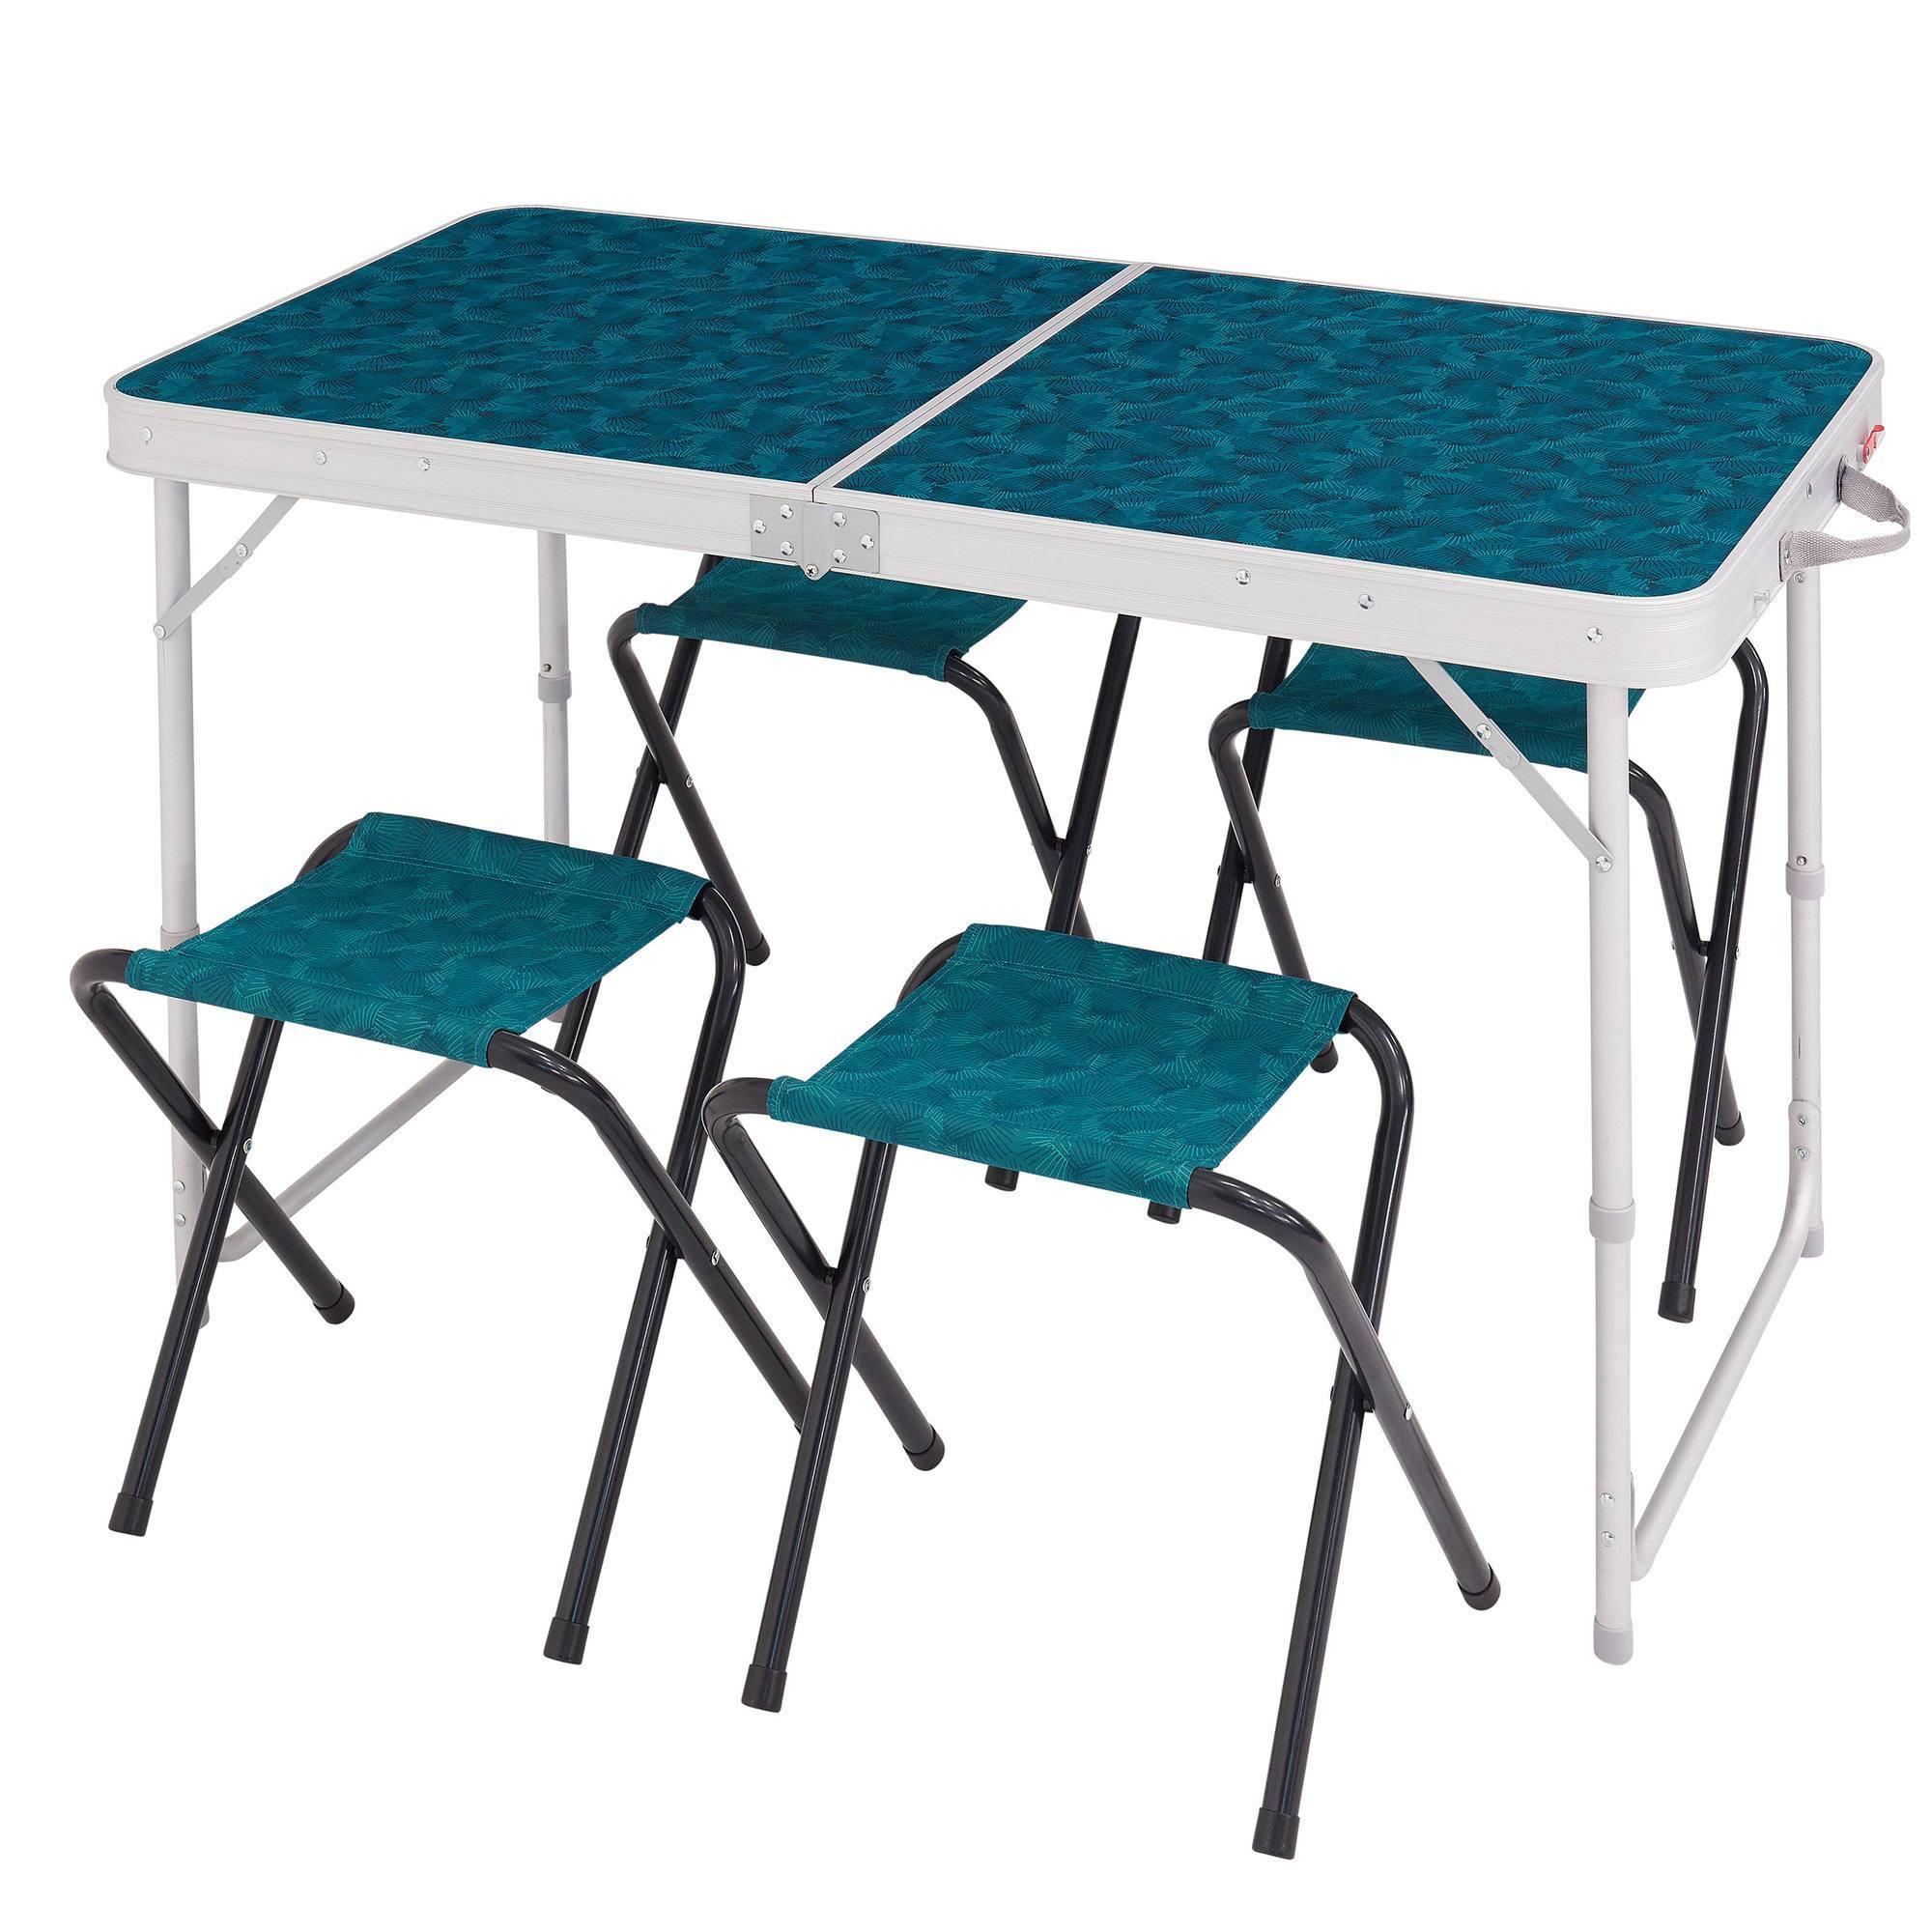 Table de camping / camp du randonneur bleue pour 4 personnes avec 4 sièges